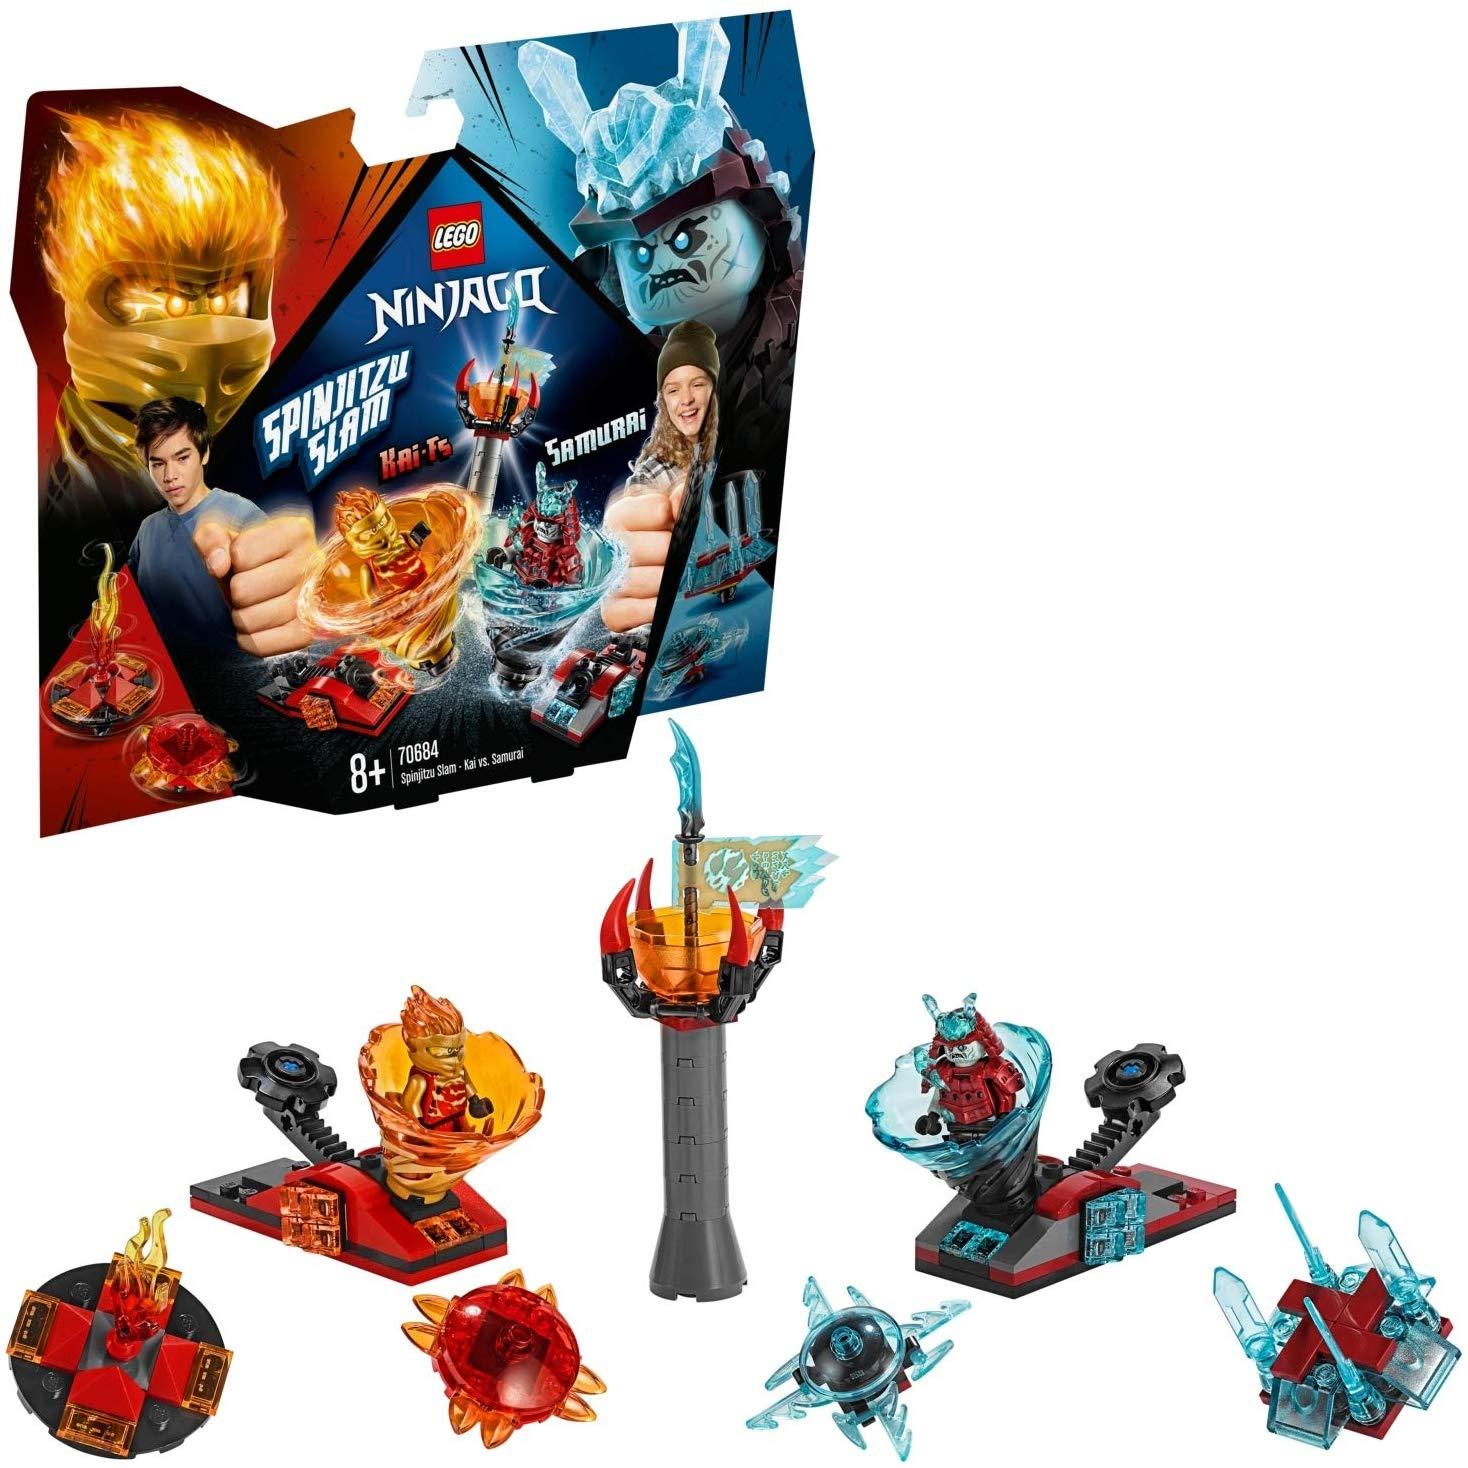 LEGO 70684 NINJAGO Spinjitzu Slam-Kai VS Samurai Ninja Toy with 2 Tornado Spinner Launchers £13.49 (Prime) / £17.98 (non Prime) at Amazon